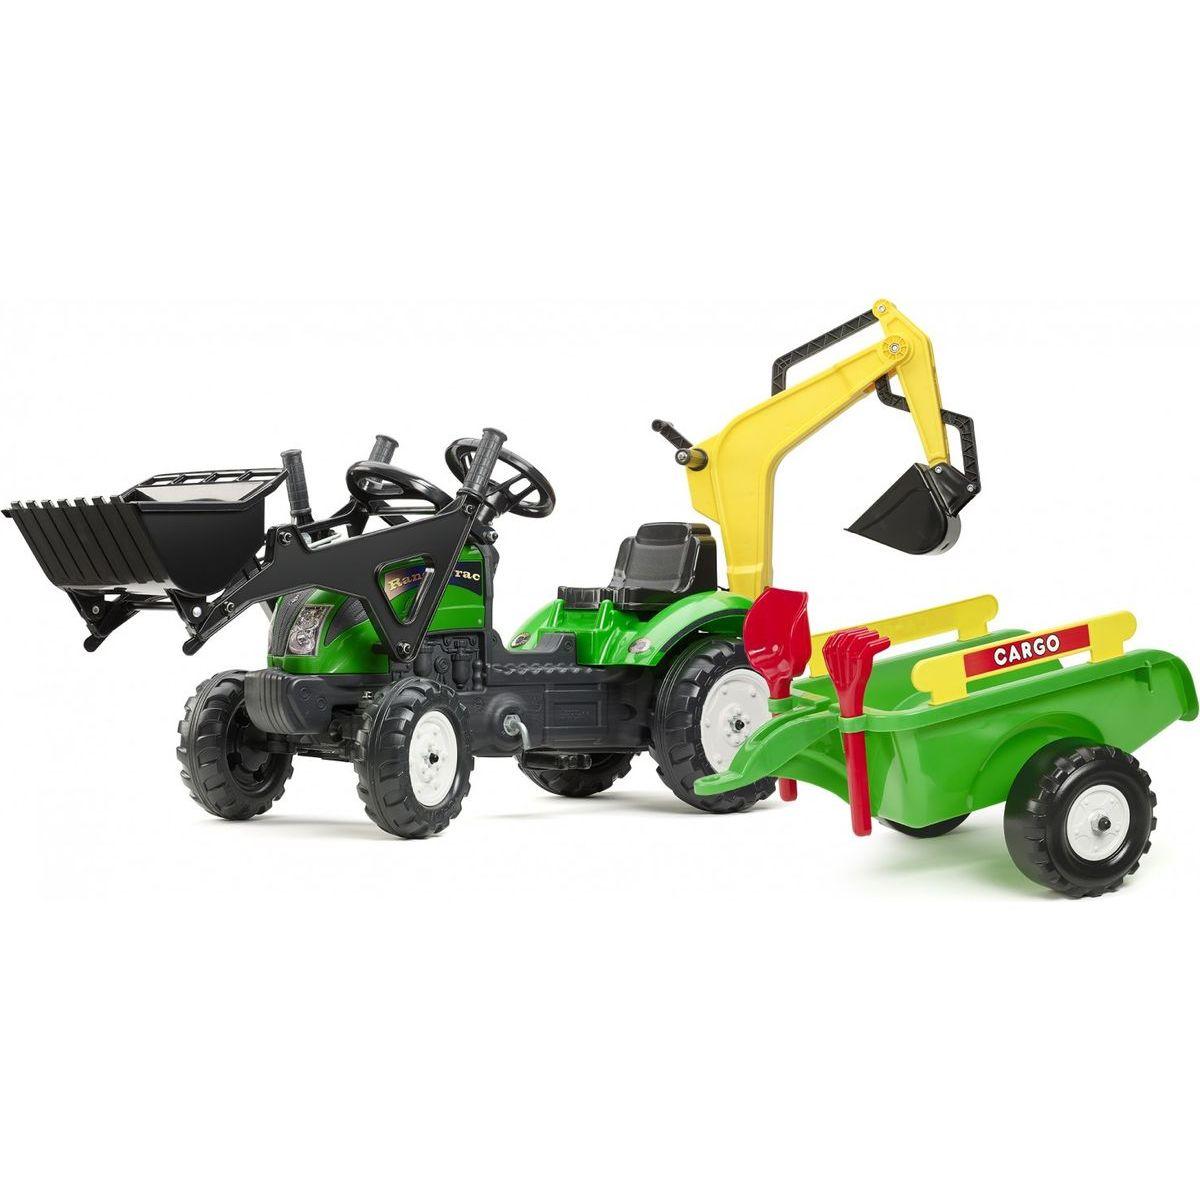 Falk Šlapací traktor Ranch Track zelený s přední i zadní lžící a valníkem